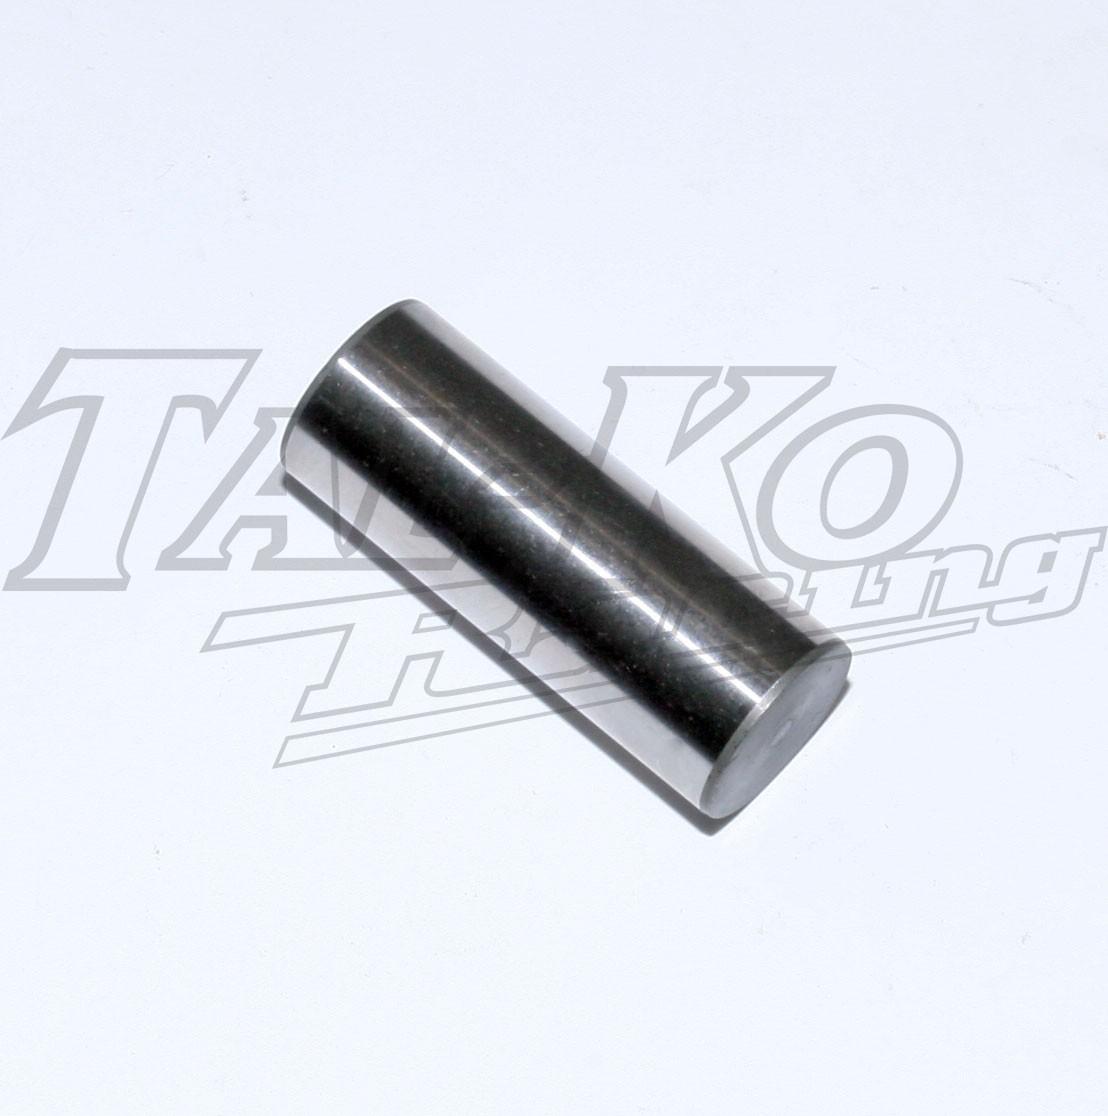 CRANK BIG END PIN SOLID 18 x 46 (18.03mm)